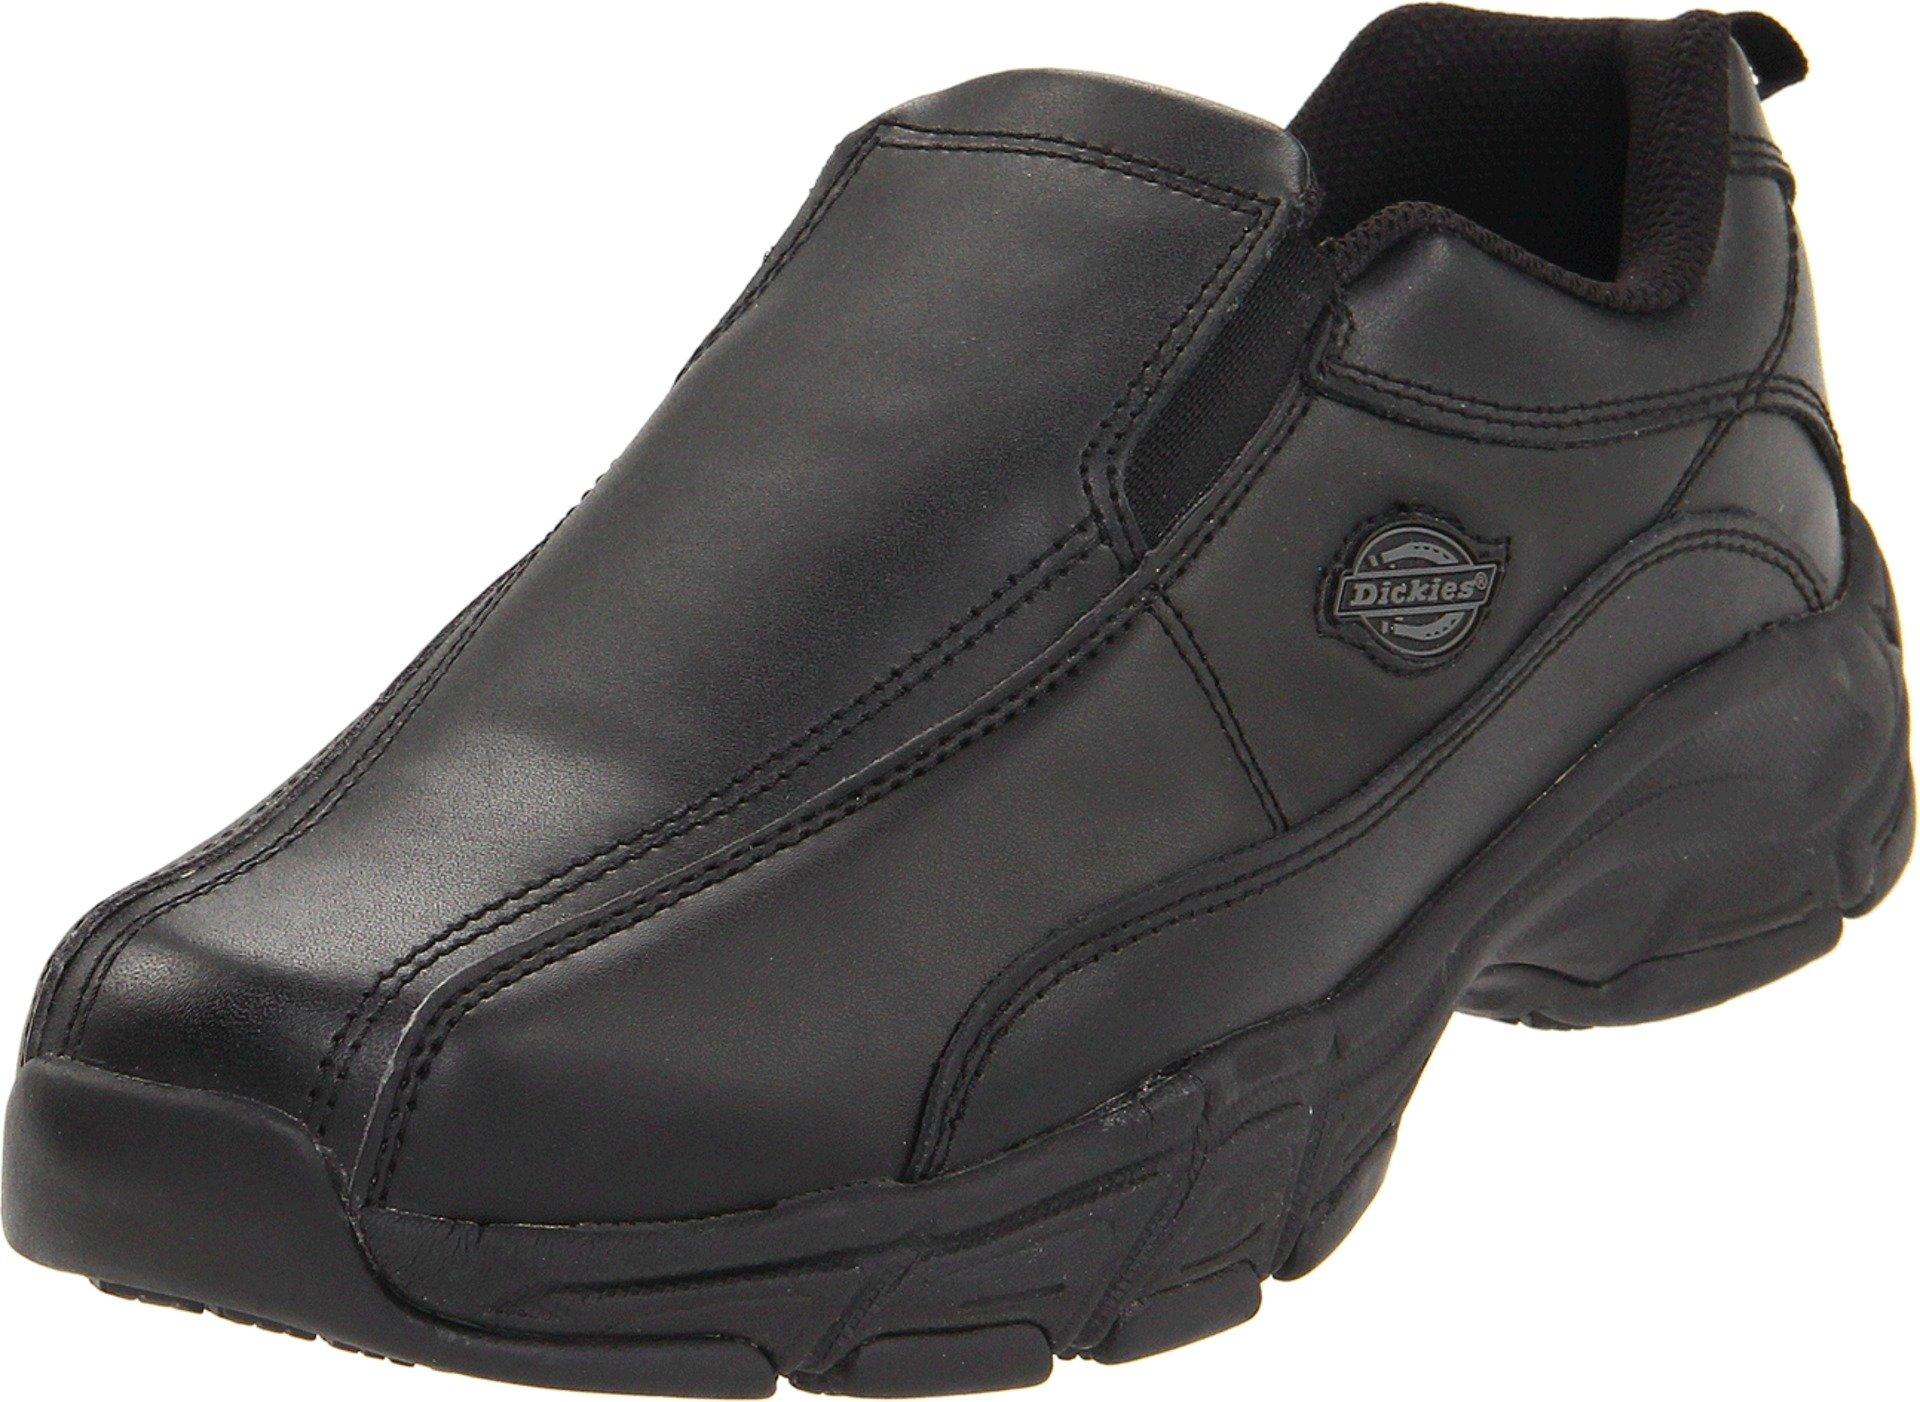 Dickies Men's Athletic Slip-On Work Shoe,Black,10 M US by dickies